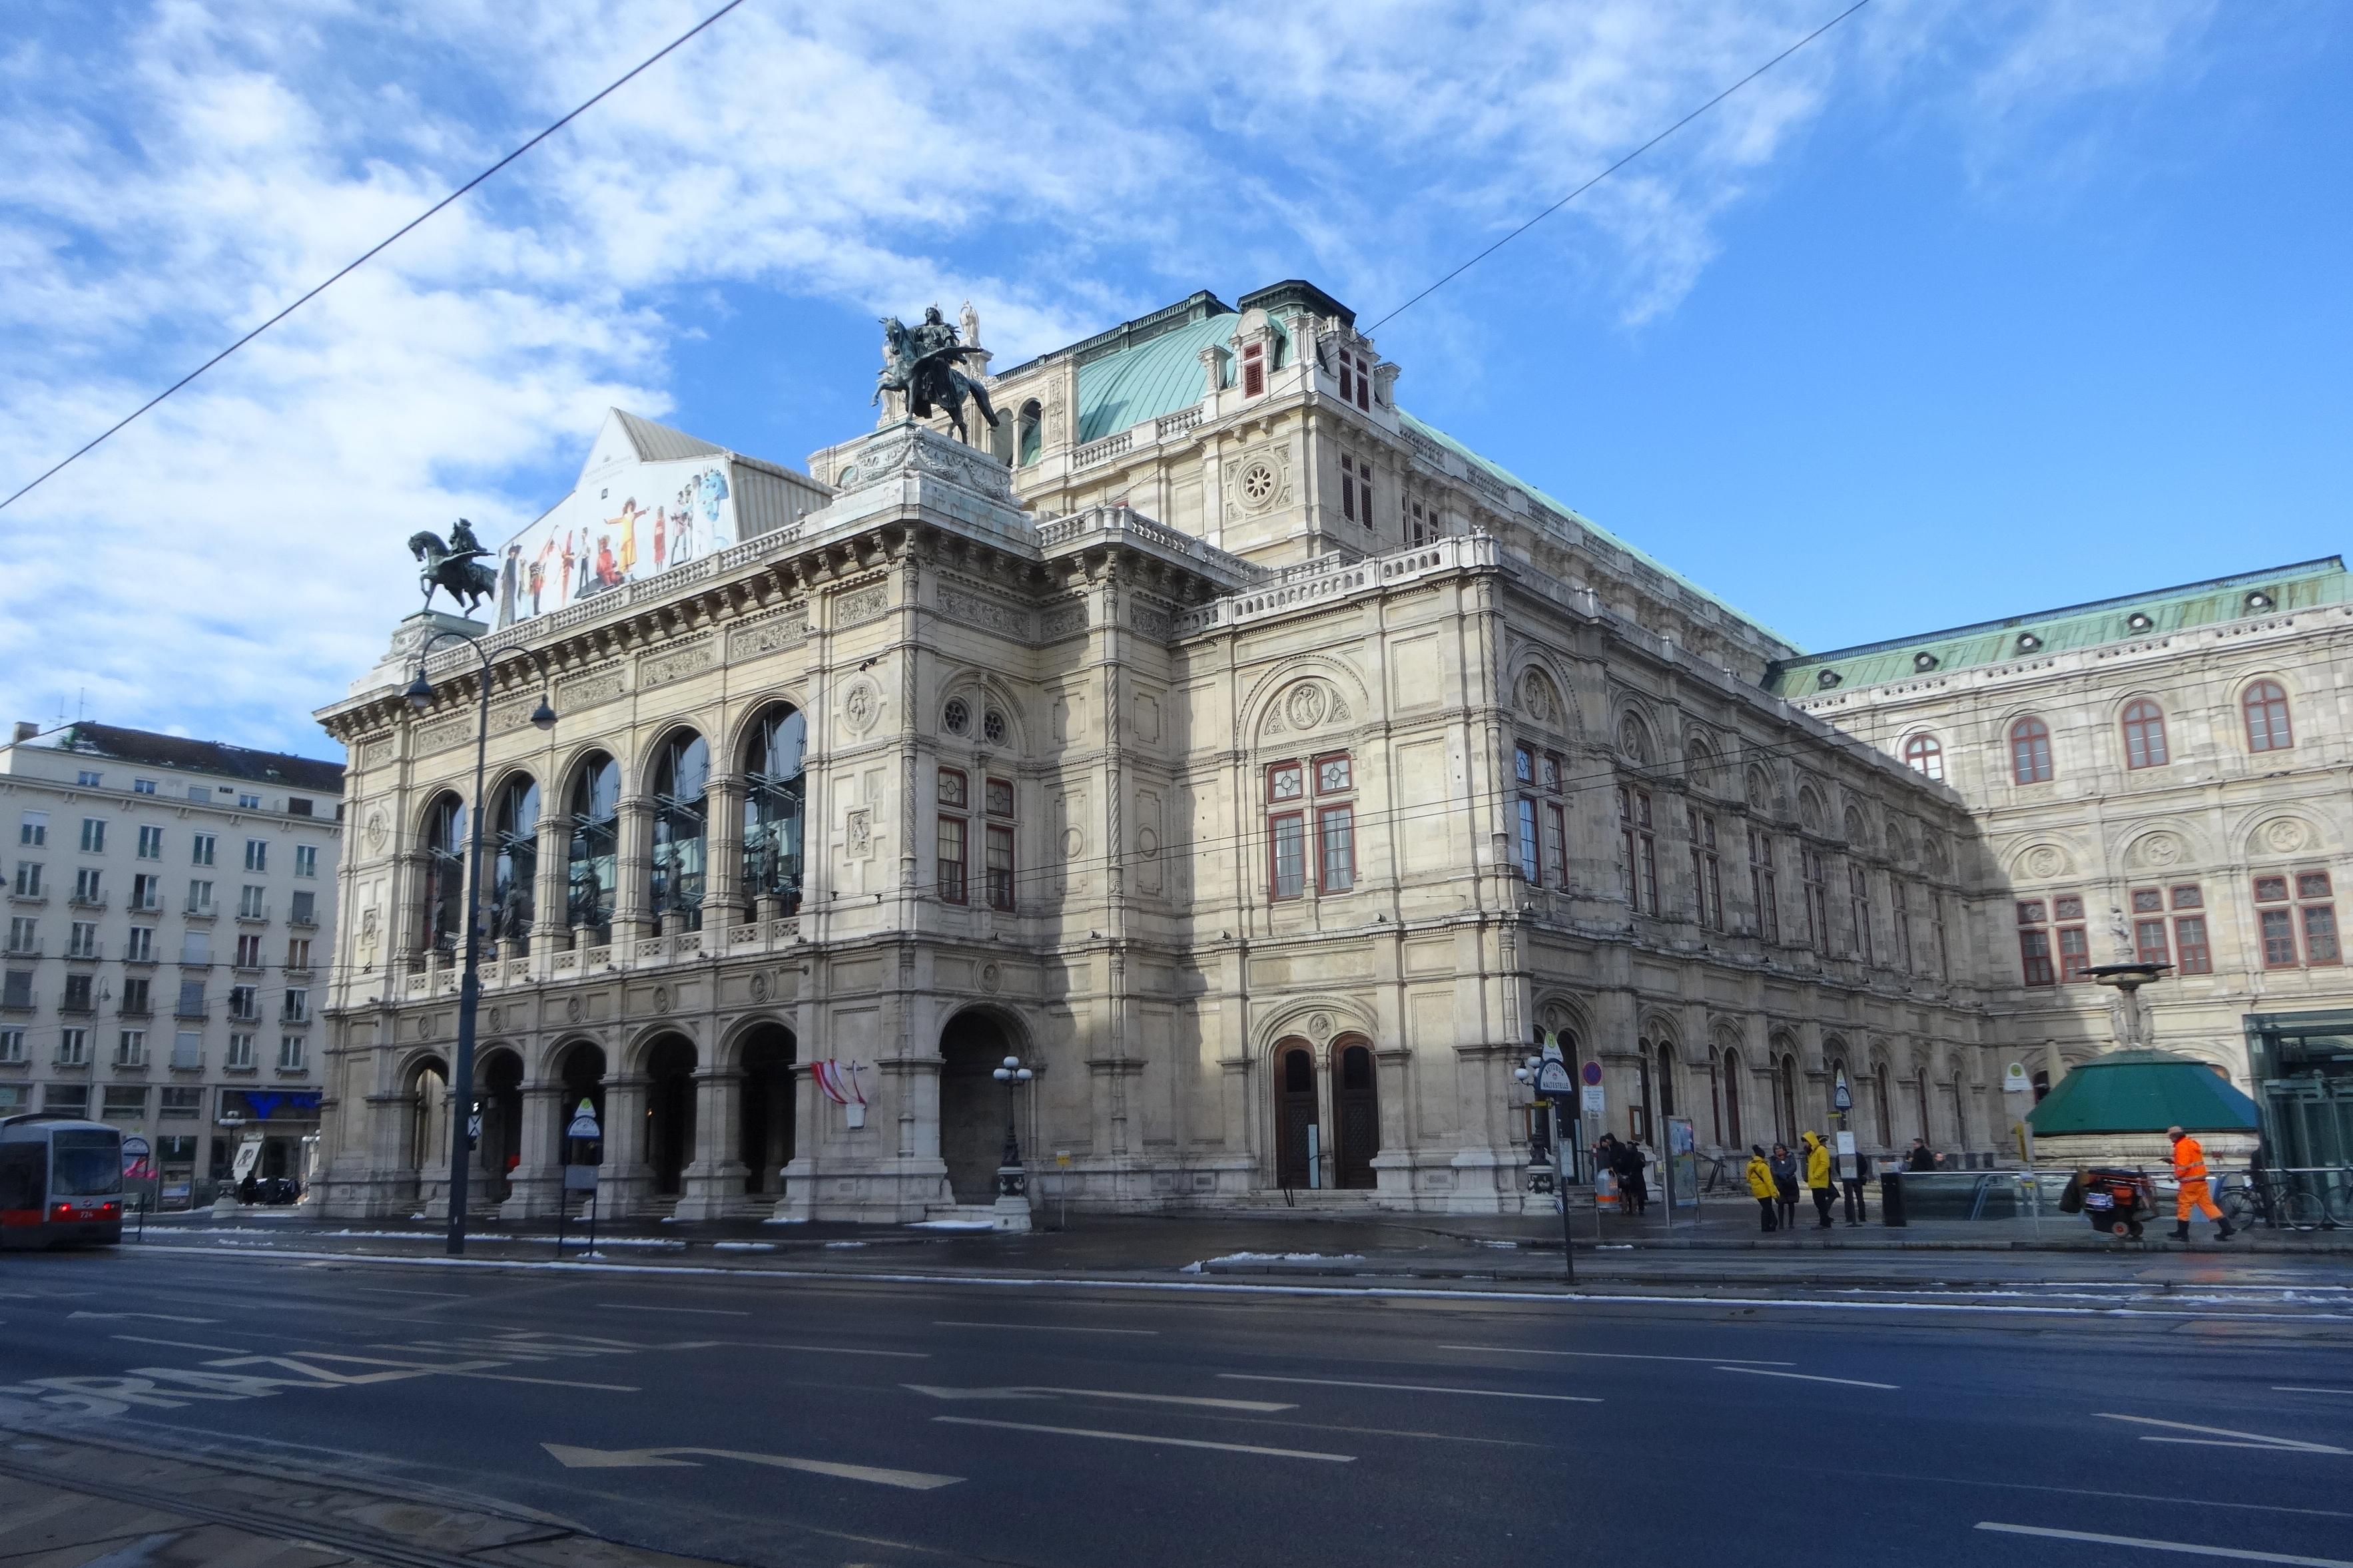 Staatsoper Wien - Vienna State Opera